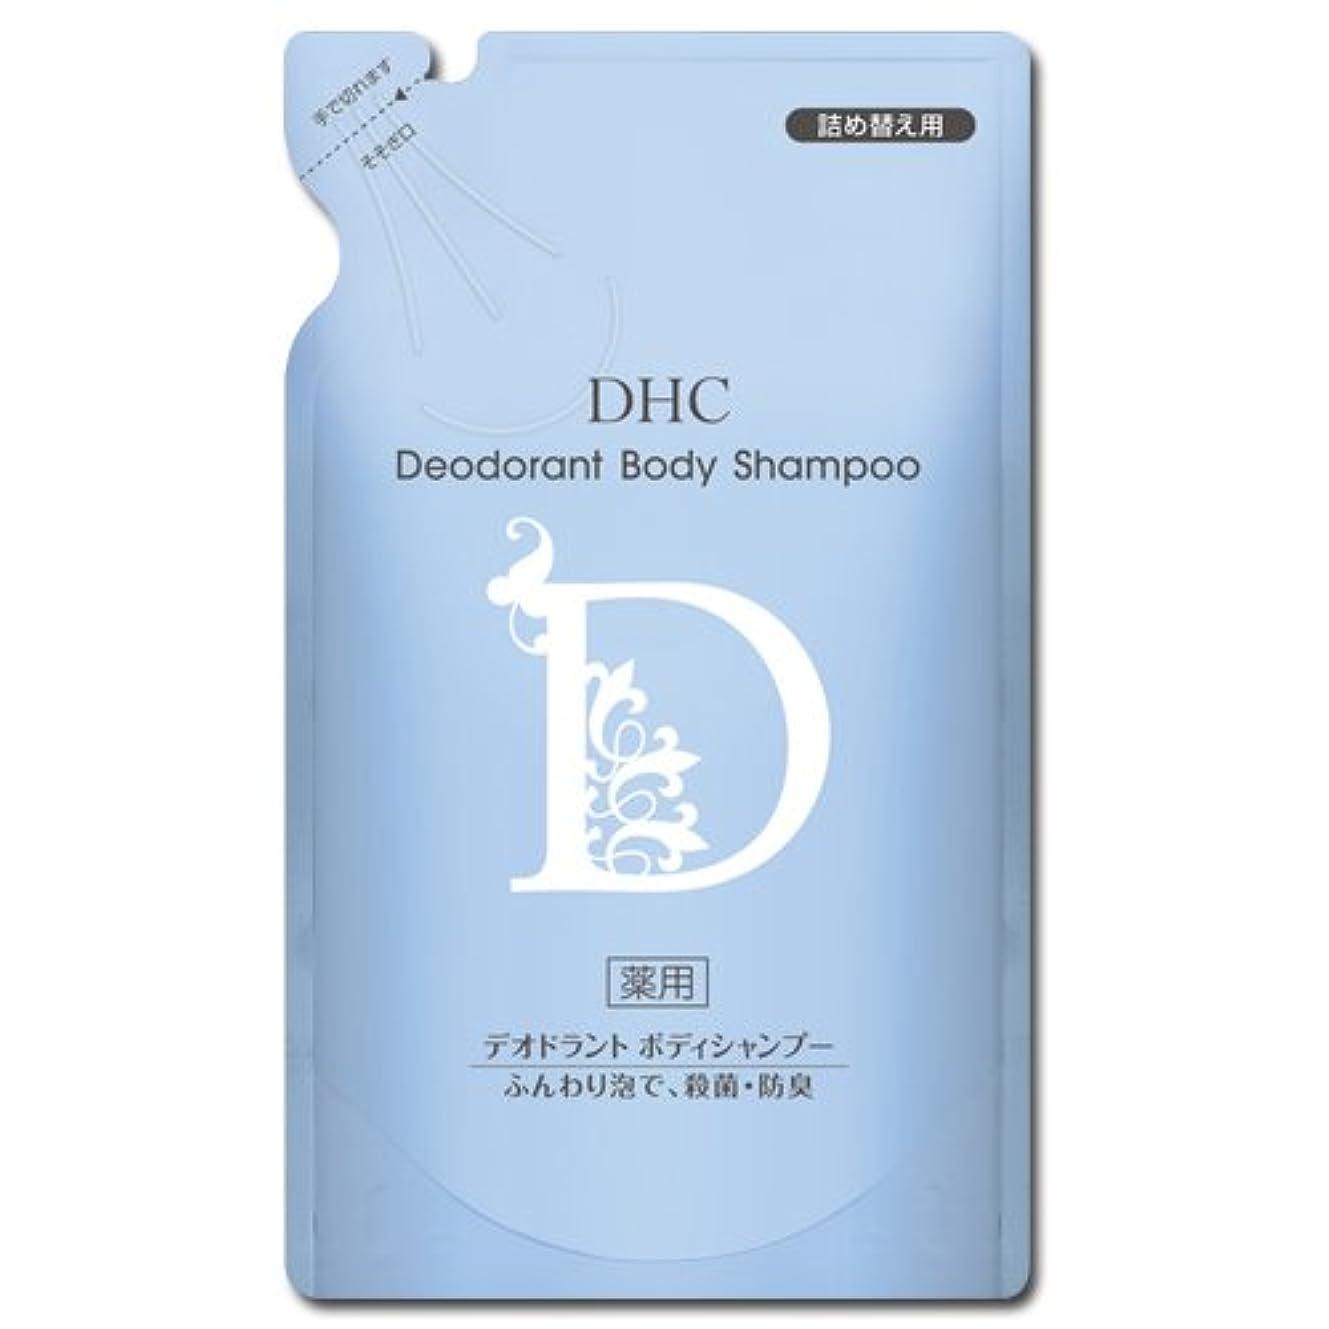 フロント先に価値【医薬部外品】DHC薬用デオドラント ボディシャンプー 詰め替え用